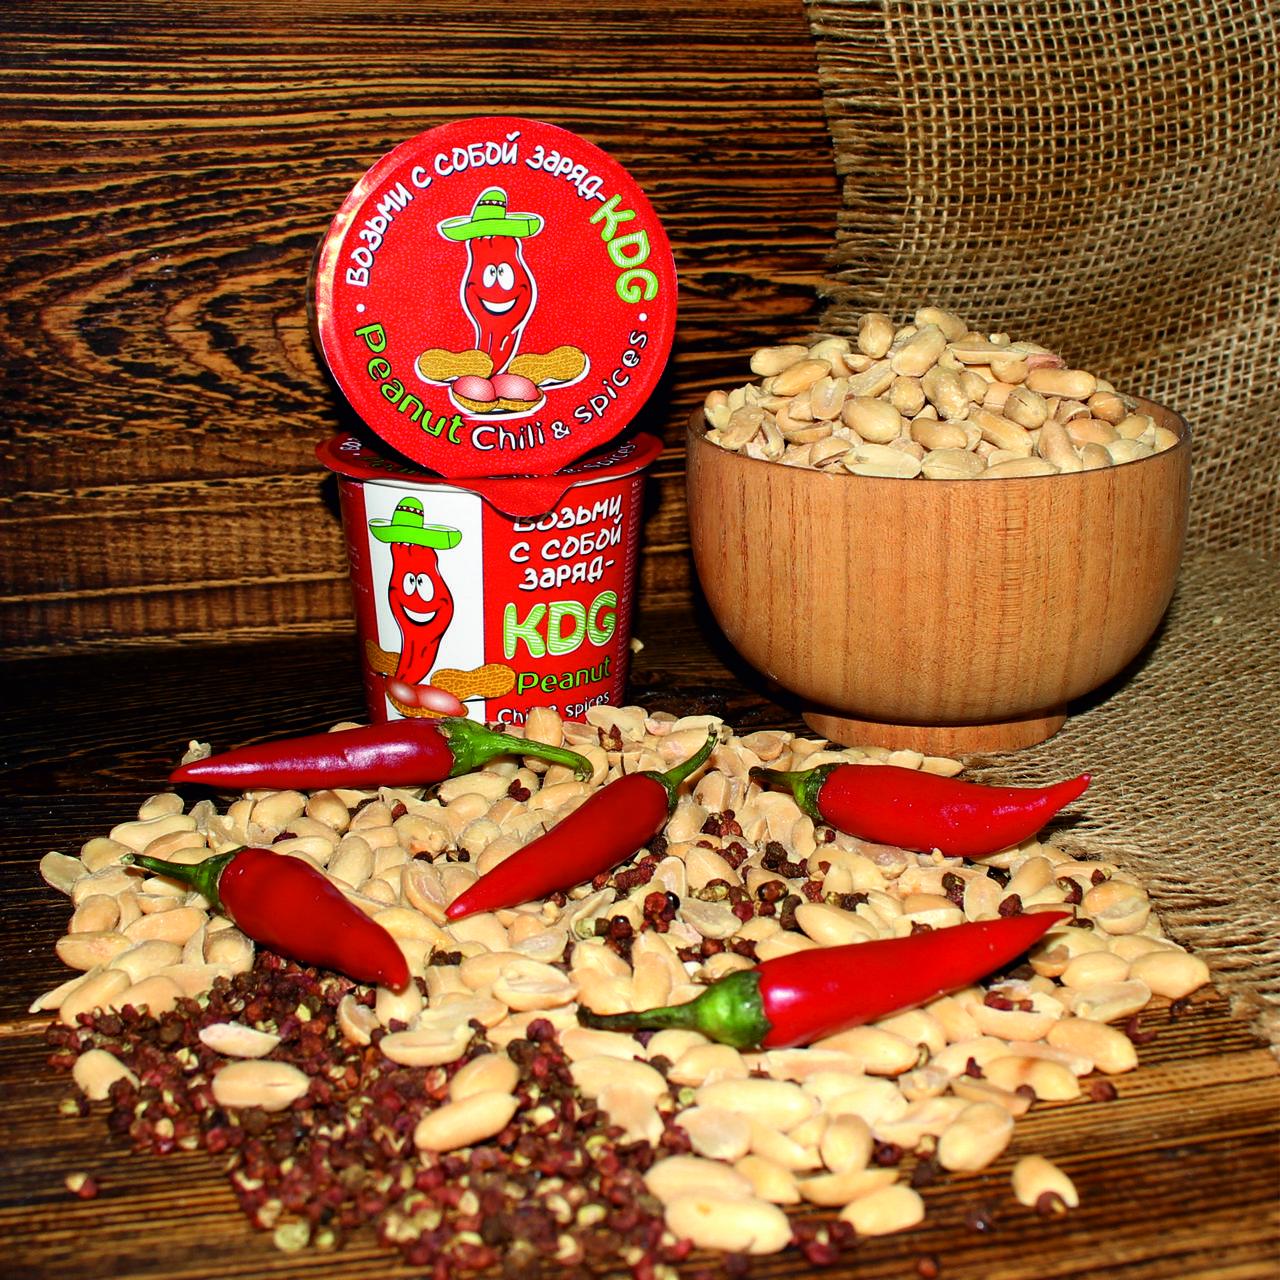 """Арахис """"KDG"""" со вкусом перца чили"""